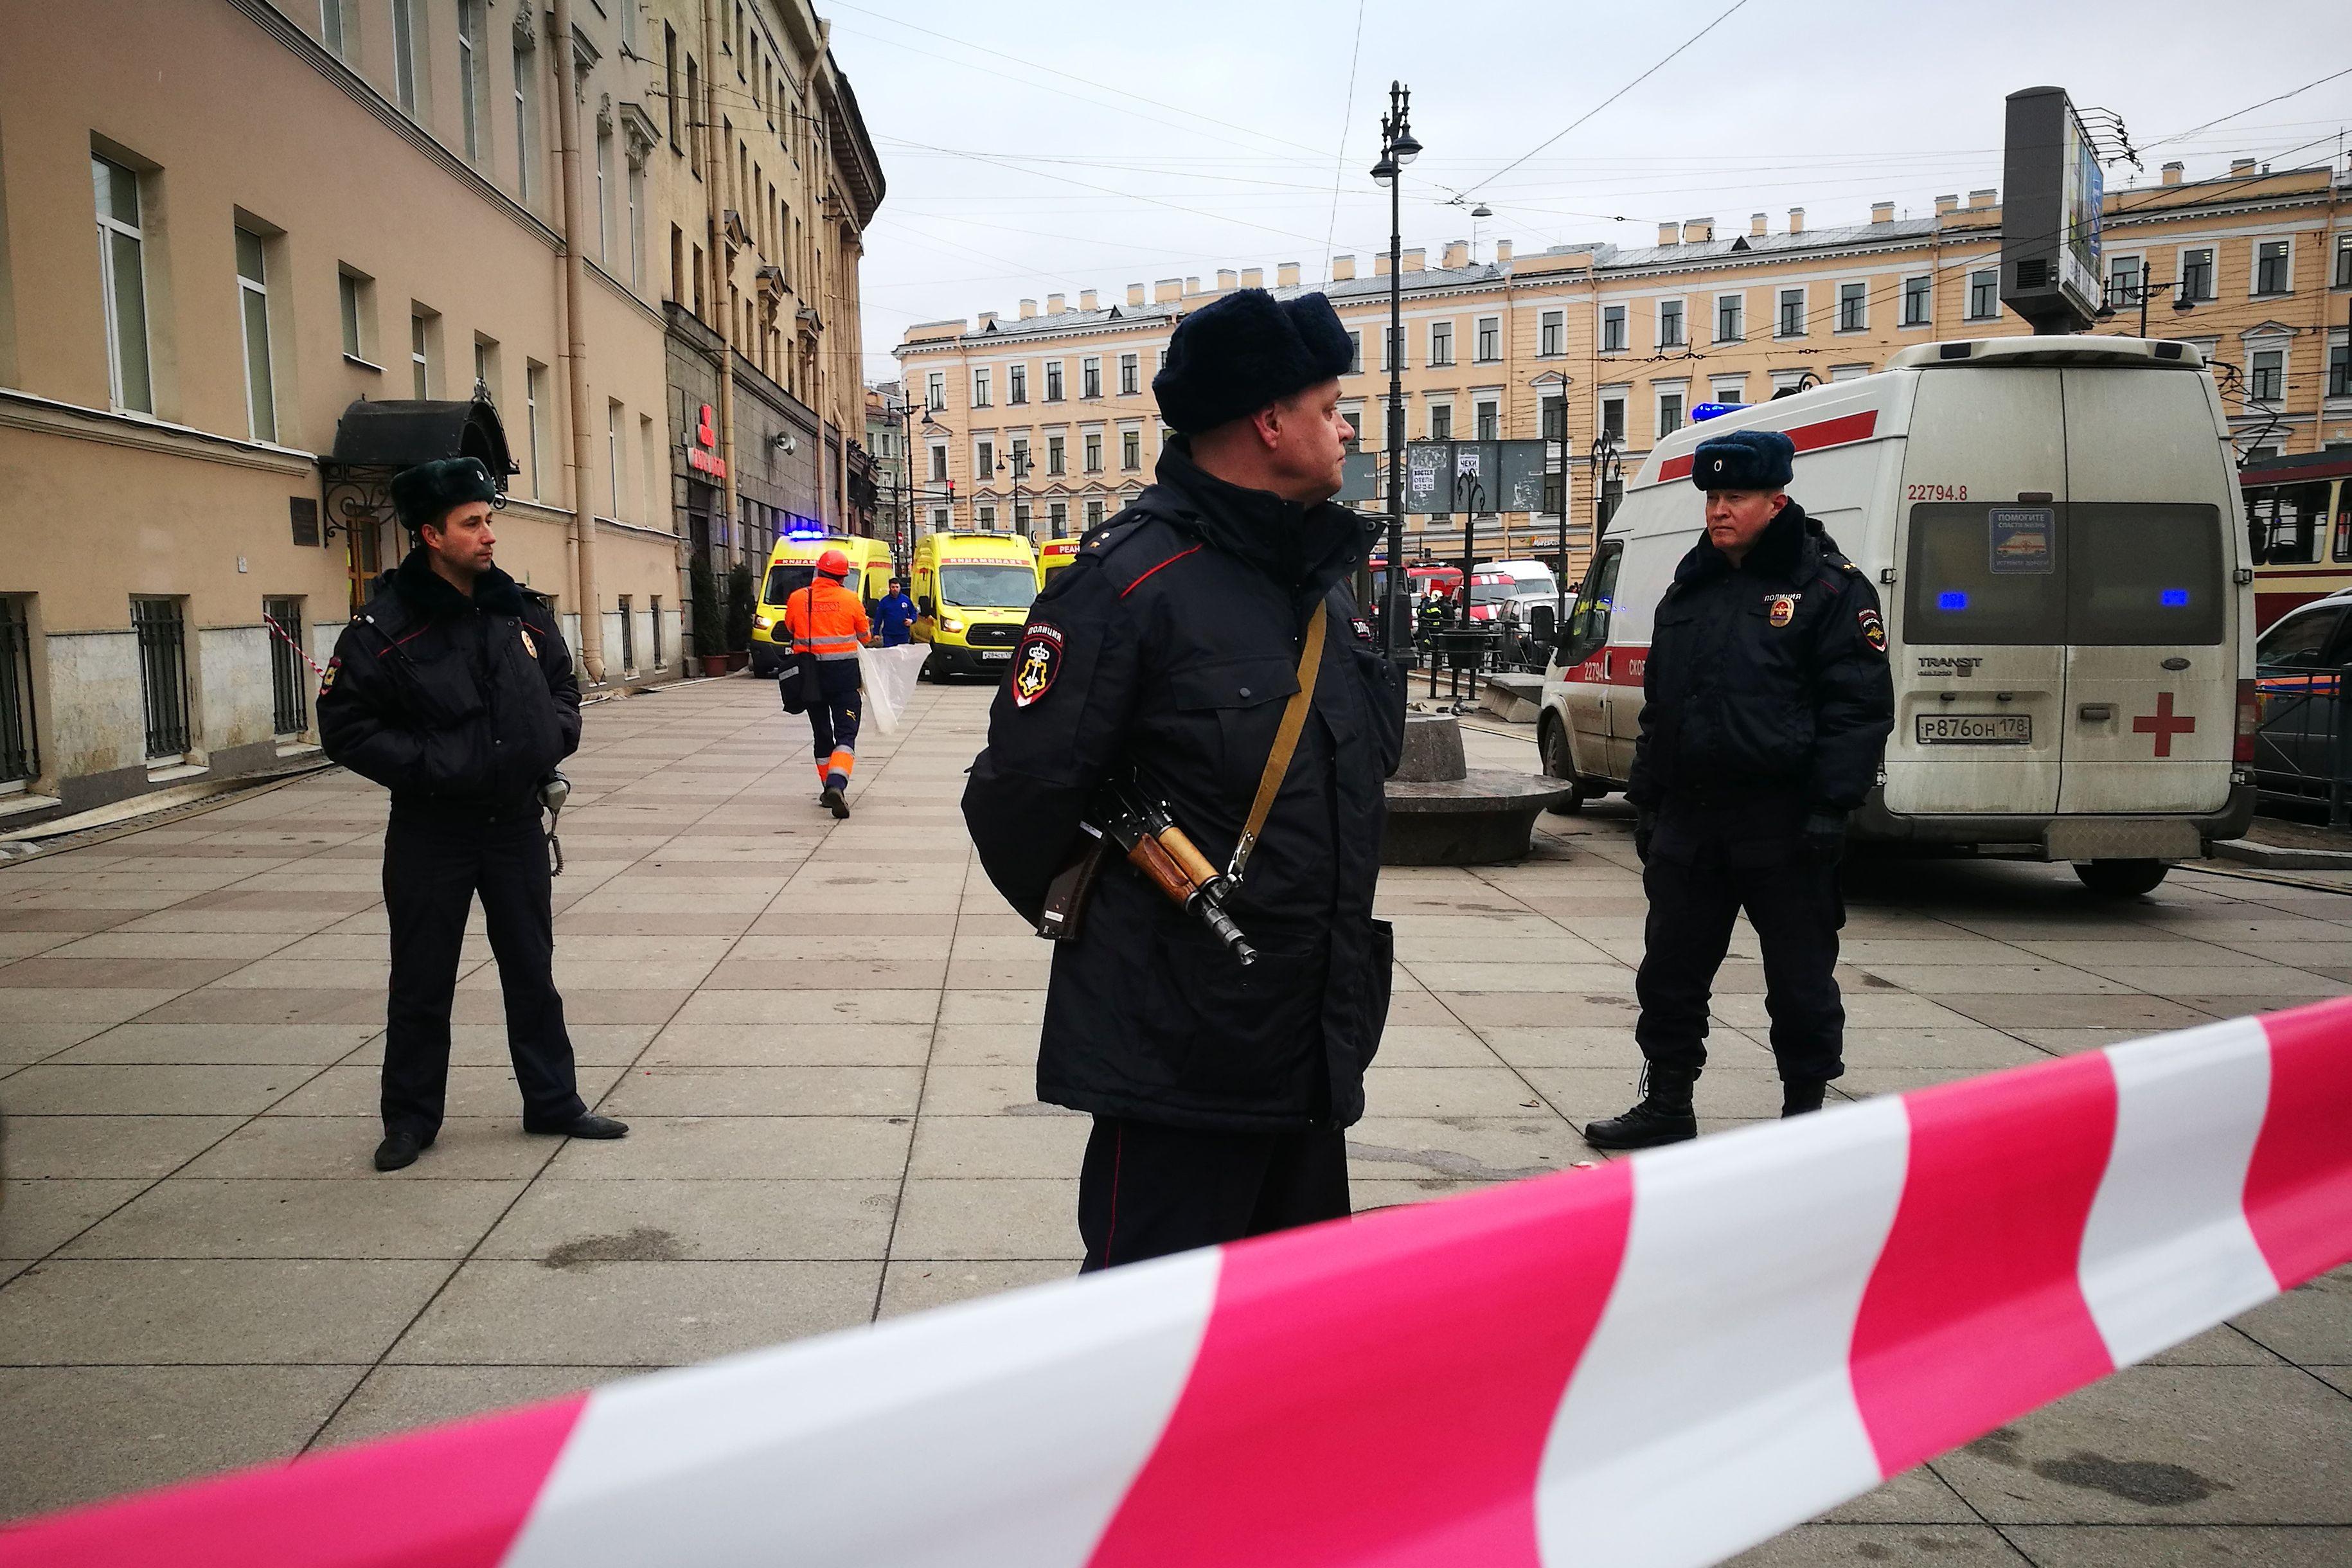 بلجيكا : انفجار مجهول المصدر بأنفيرس يخلف خمسة جرحى على الأقل